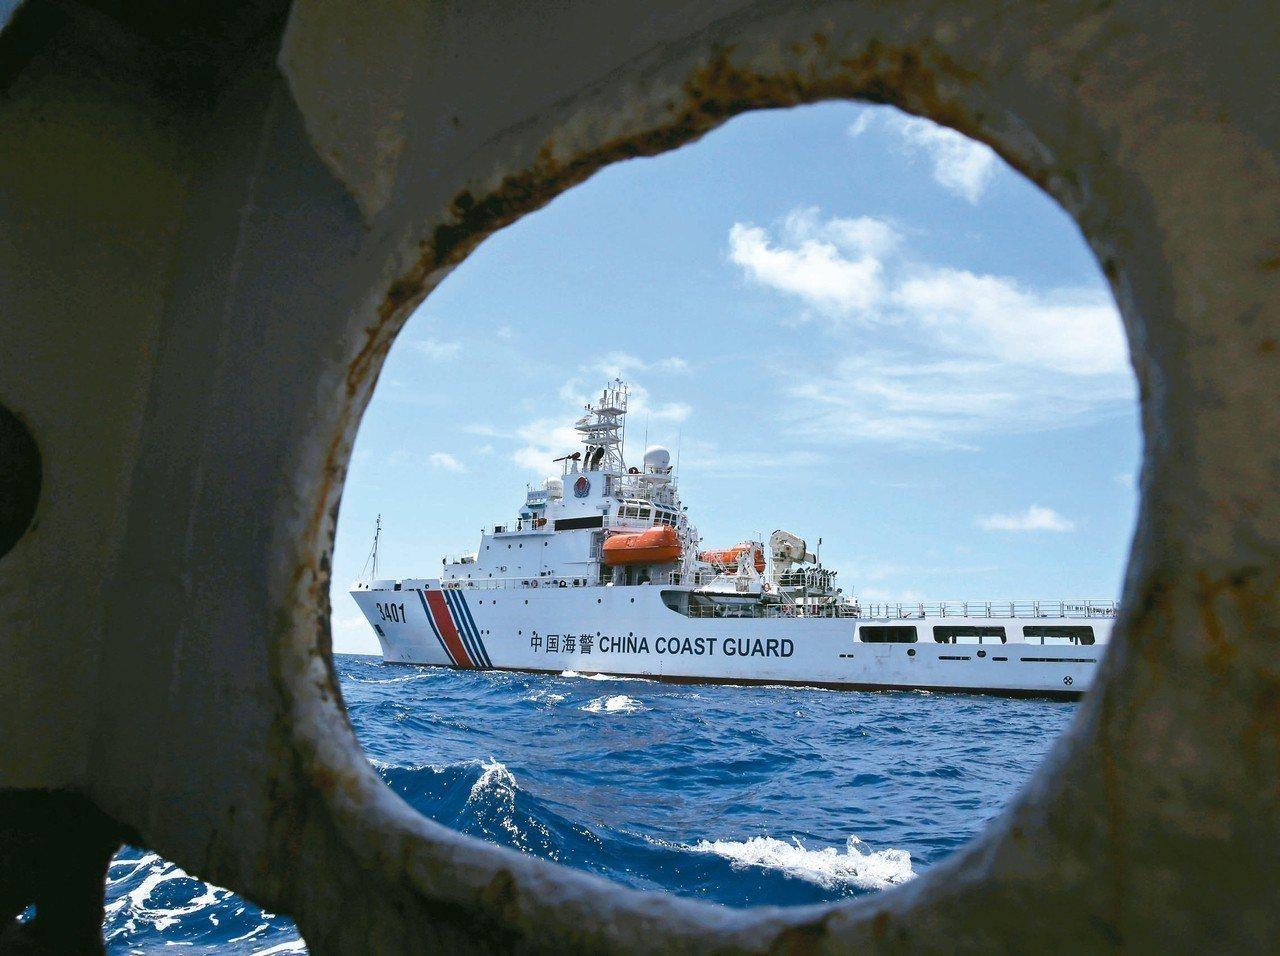 南沙群島的仁愛暗沙亦由菲律賓實際占有,北京曾派海警船阻撓菲國軍方運補。 (美聯社...